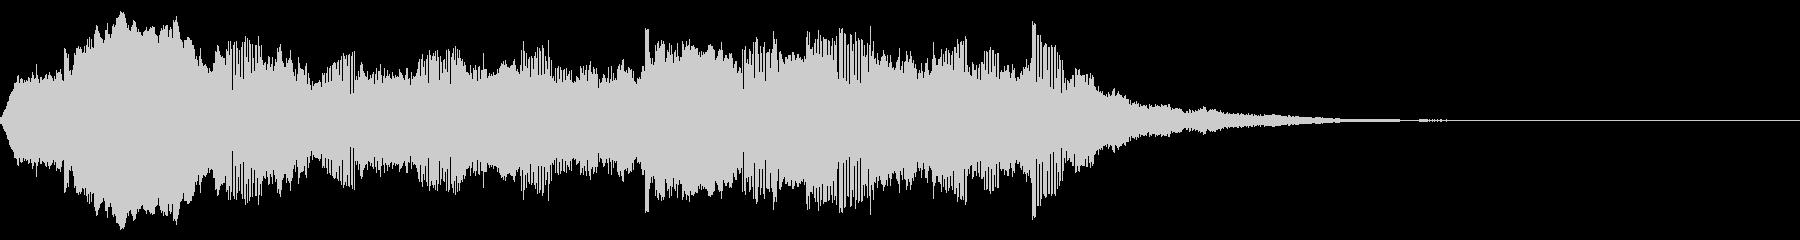 電子系のサウンドロゴの未再生の波形